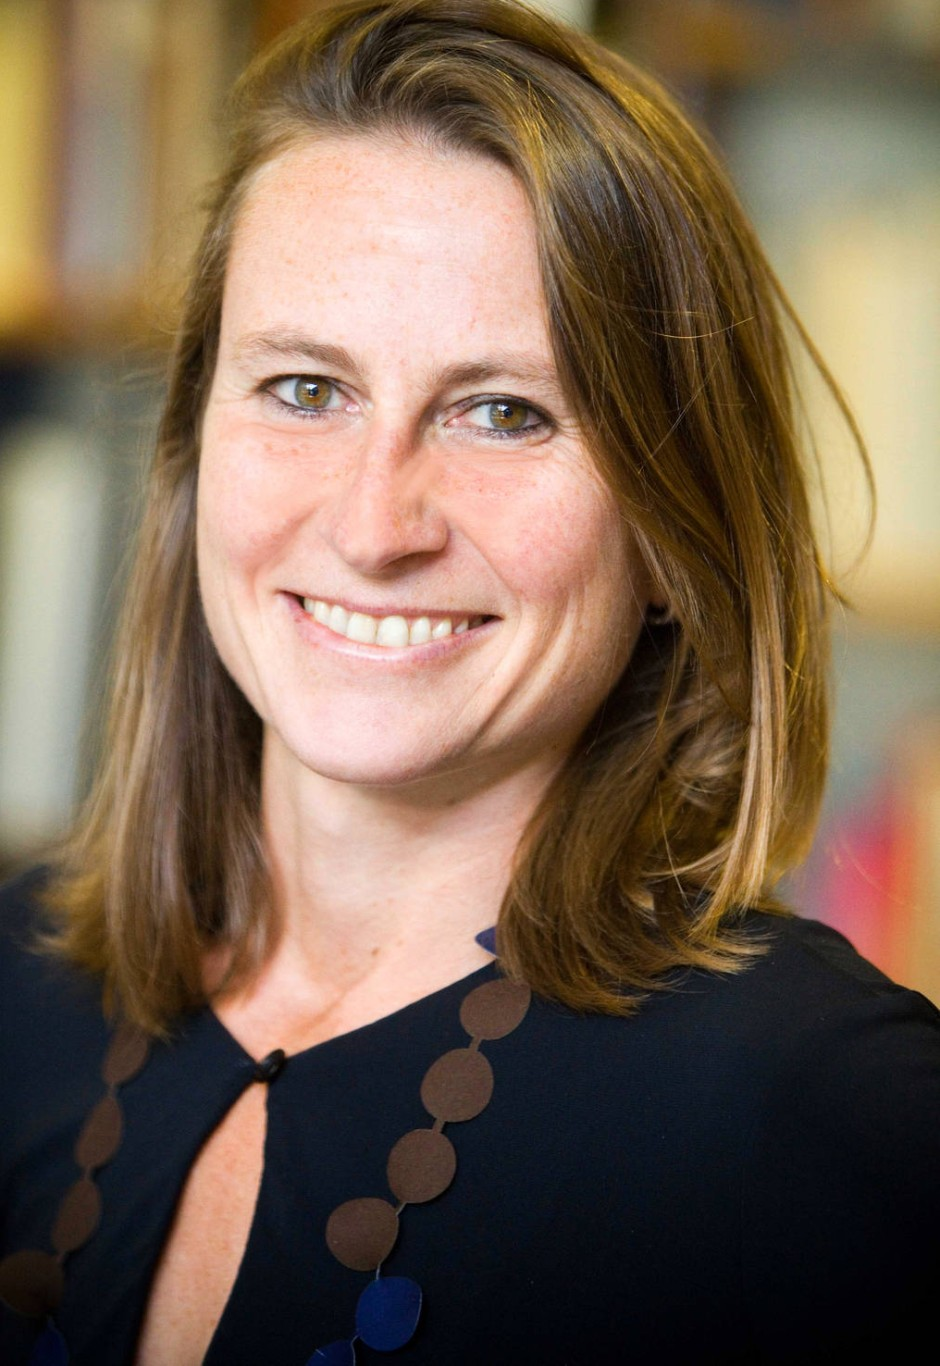 Sie betreut im Namen der Stiftung Buchkunst den Wettbewerb: Alexandra Sender, Geschäftsführerin.